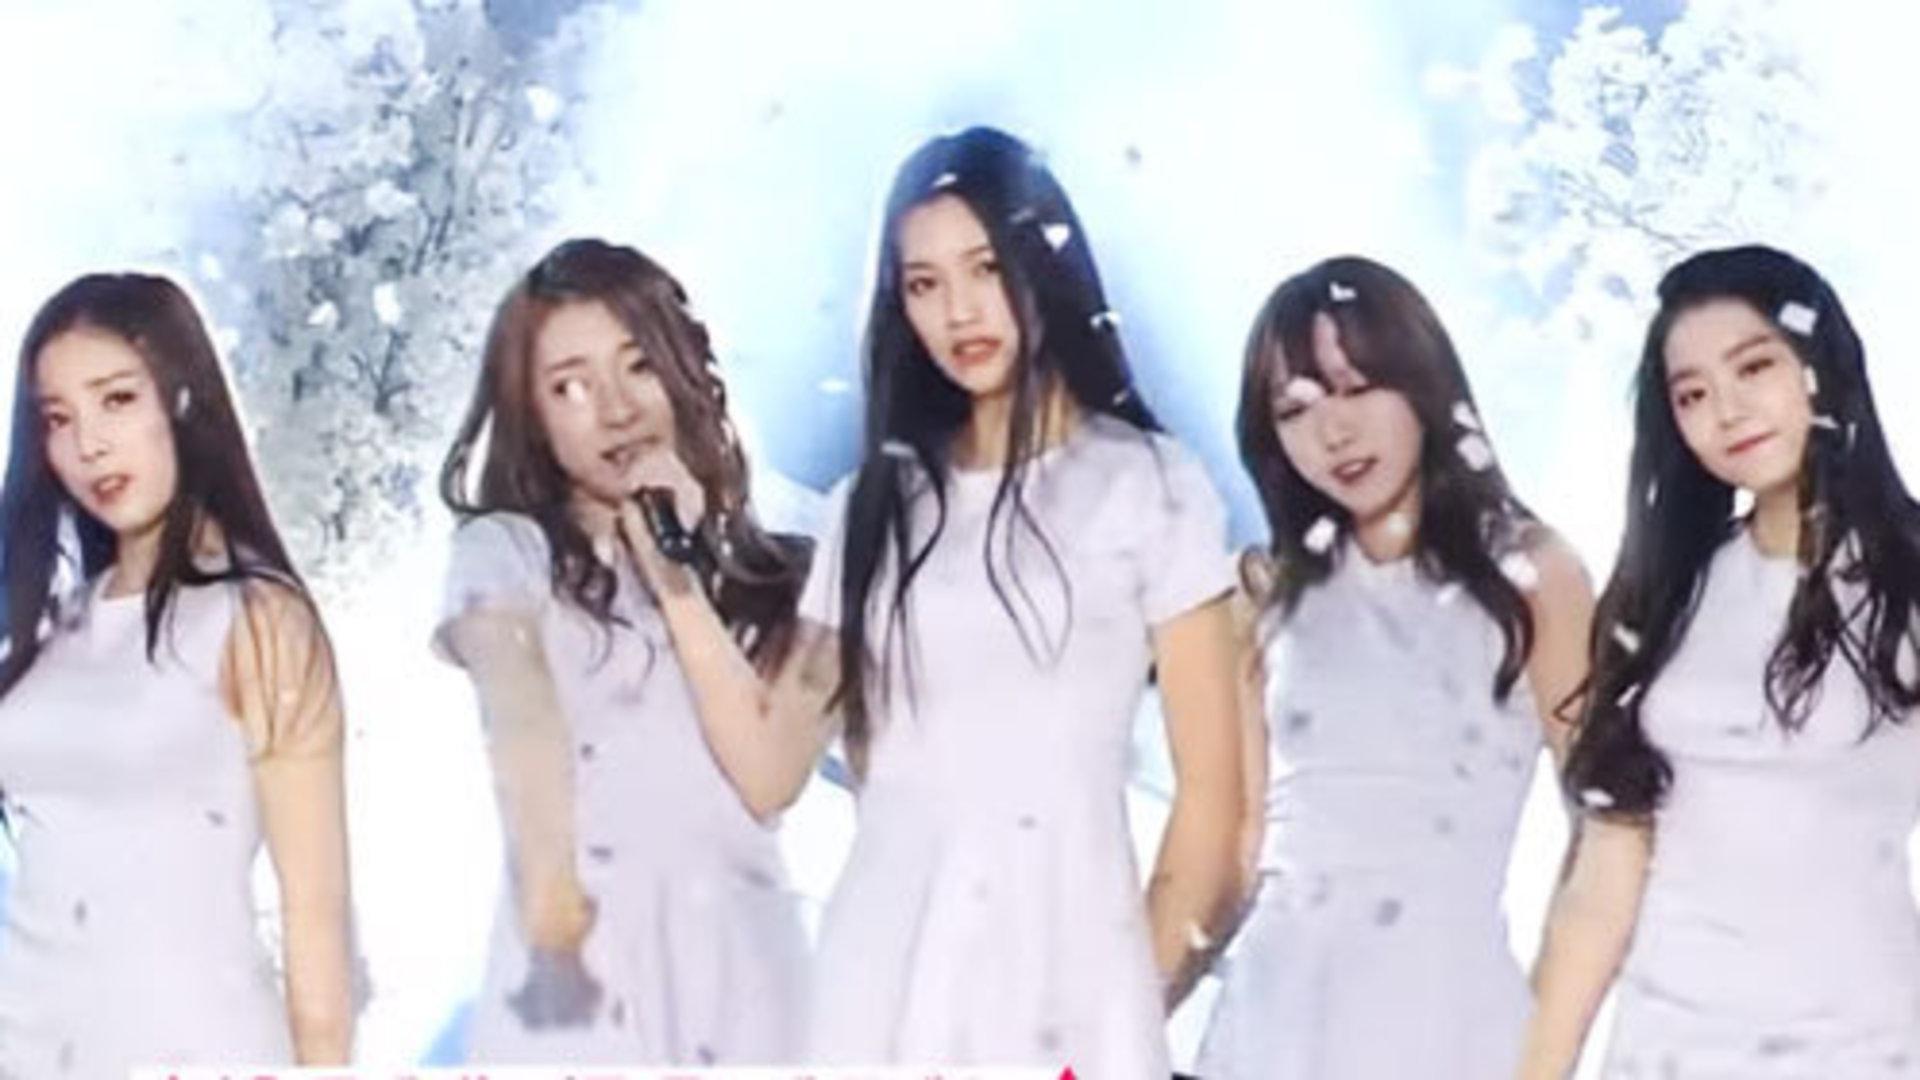 第9期:郑真英创作歌曲带领女团获NO.1